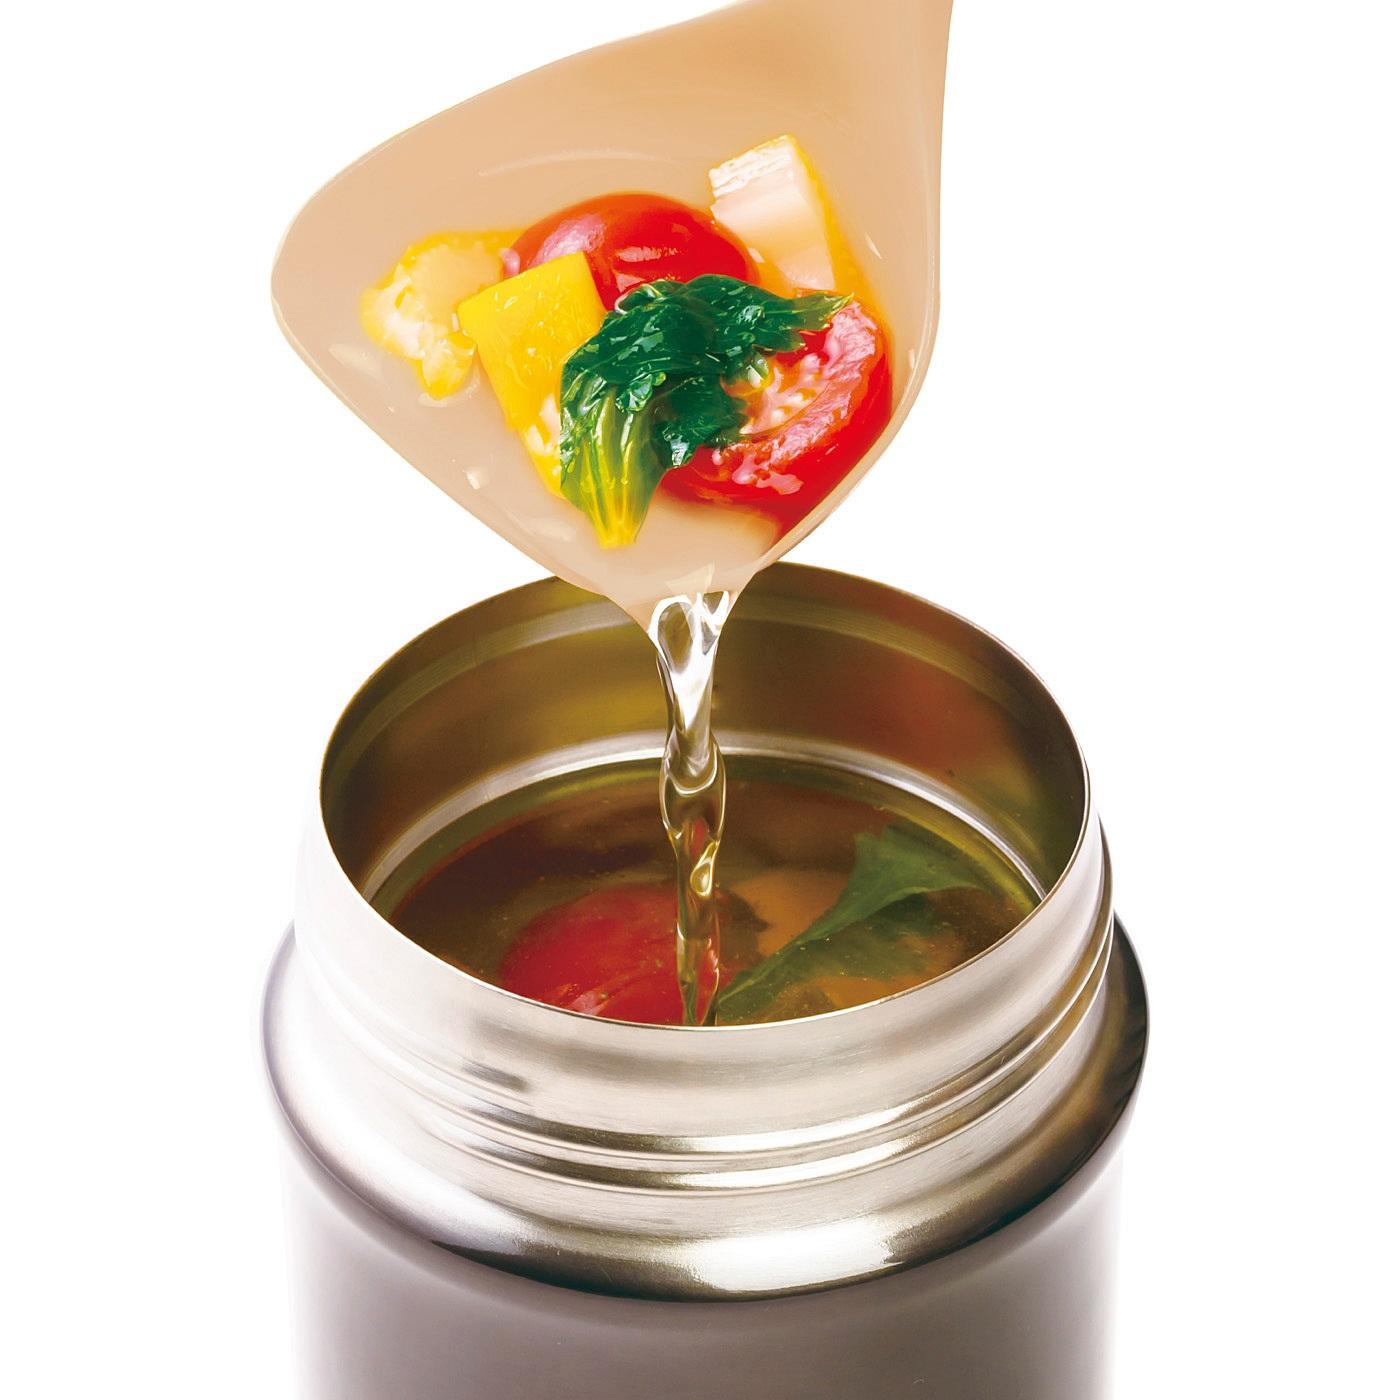 コンパクト設計で口の狭いスープジャーにも注ぎやすい。